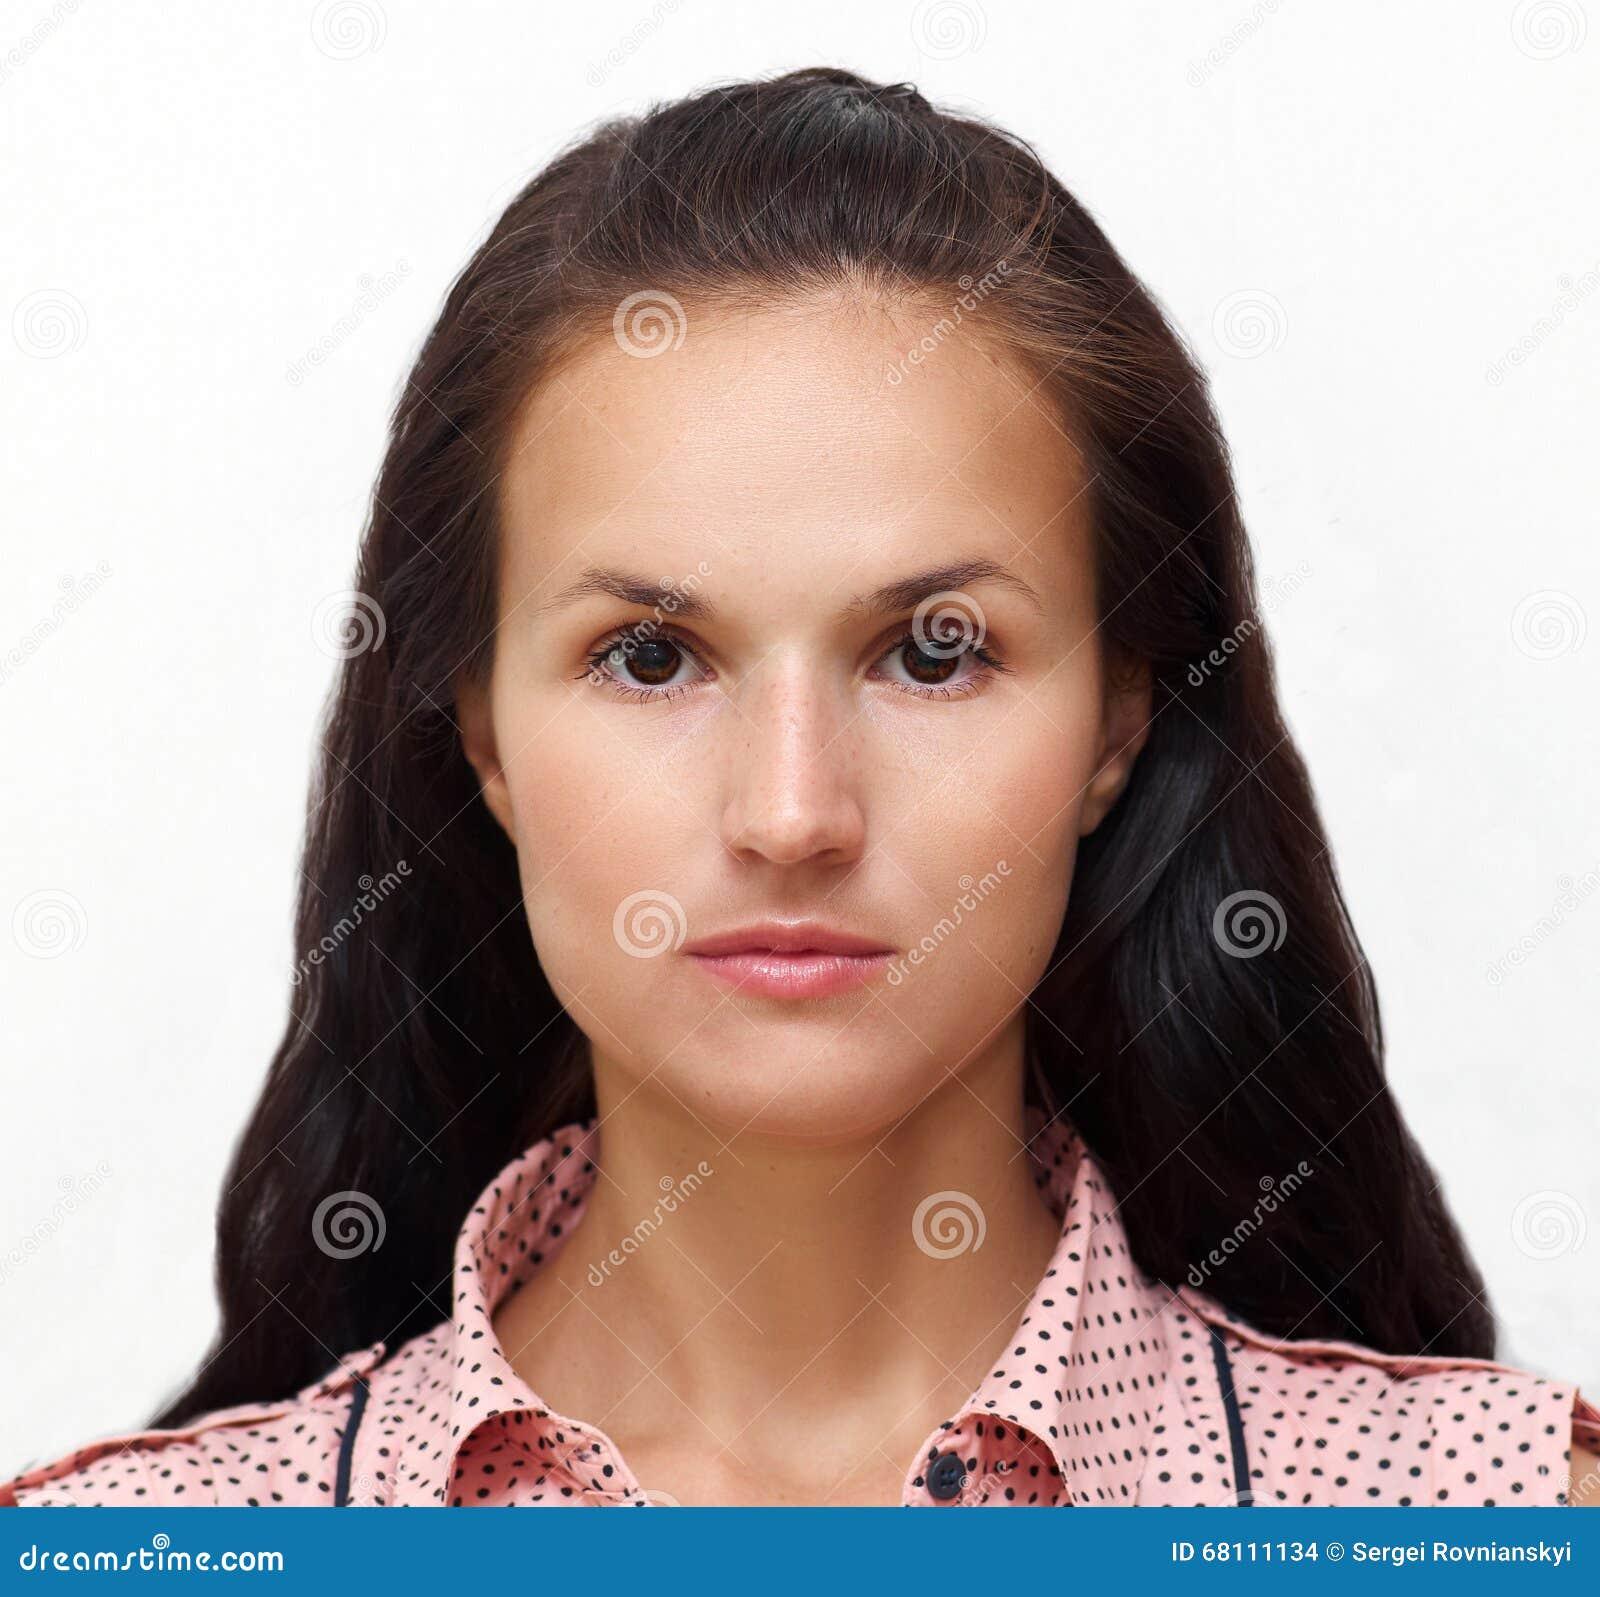 El retrato de una mujer bonita joven con encantador trata mirada con suavidad